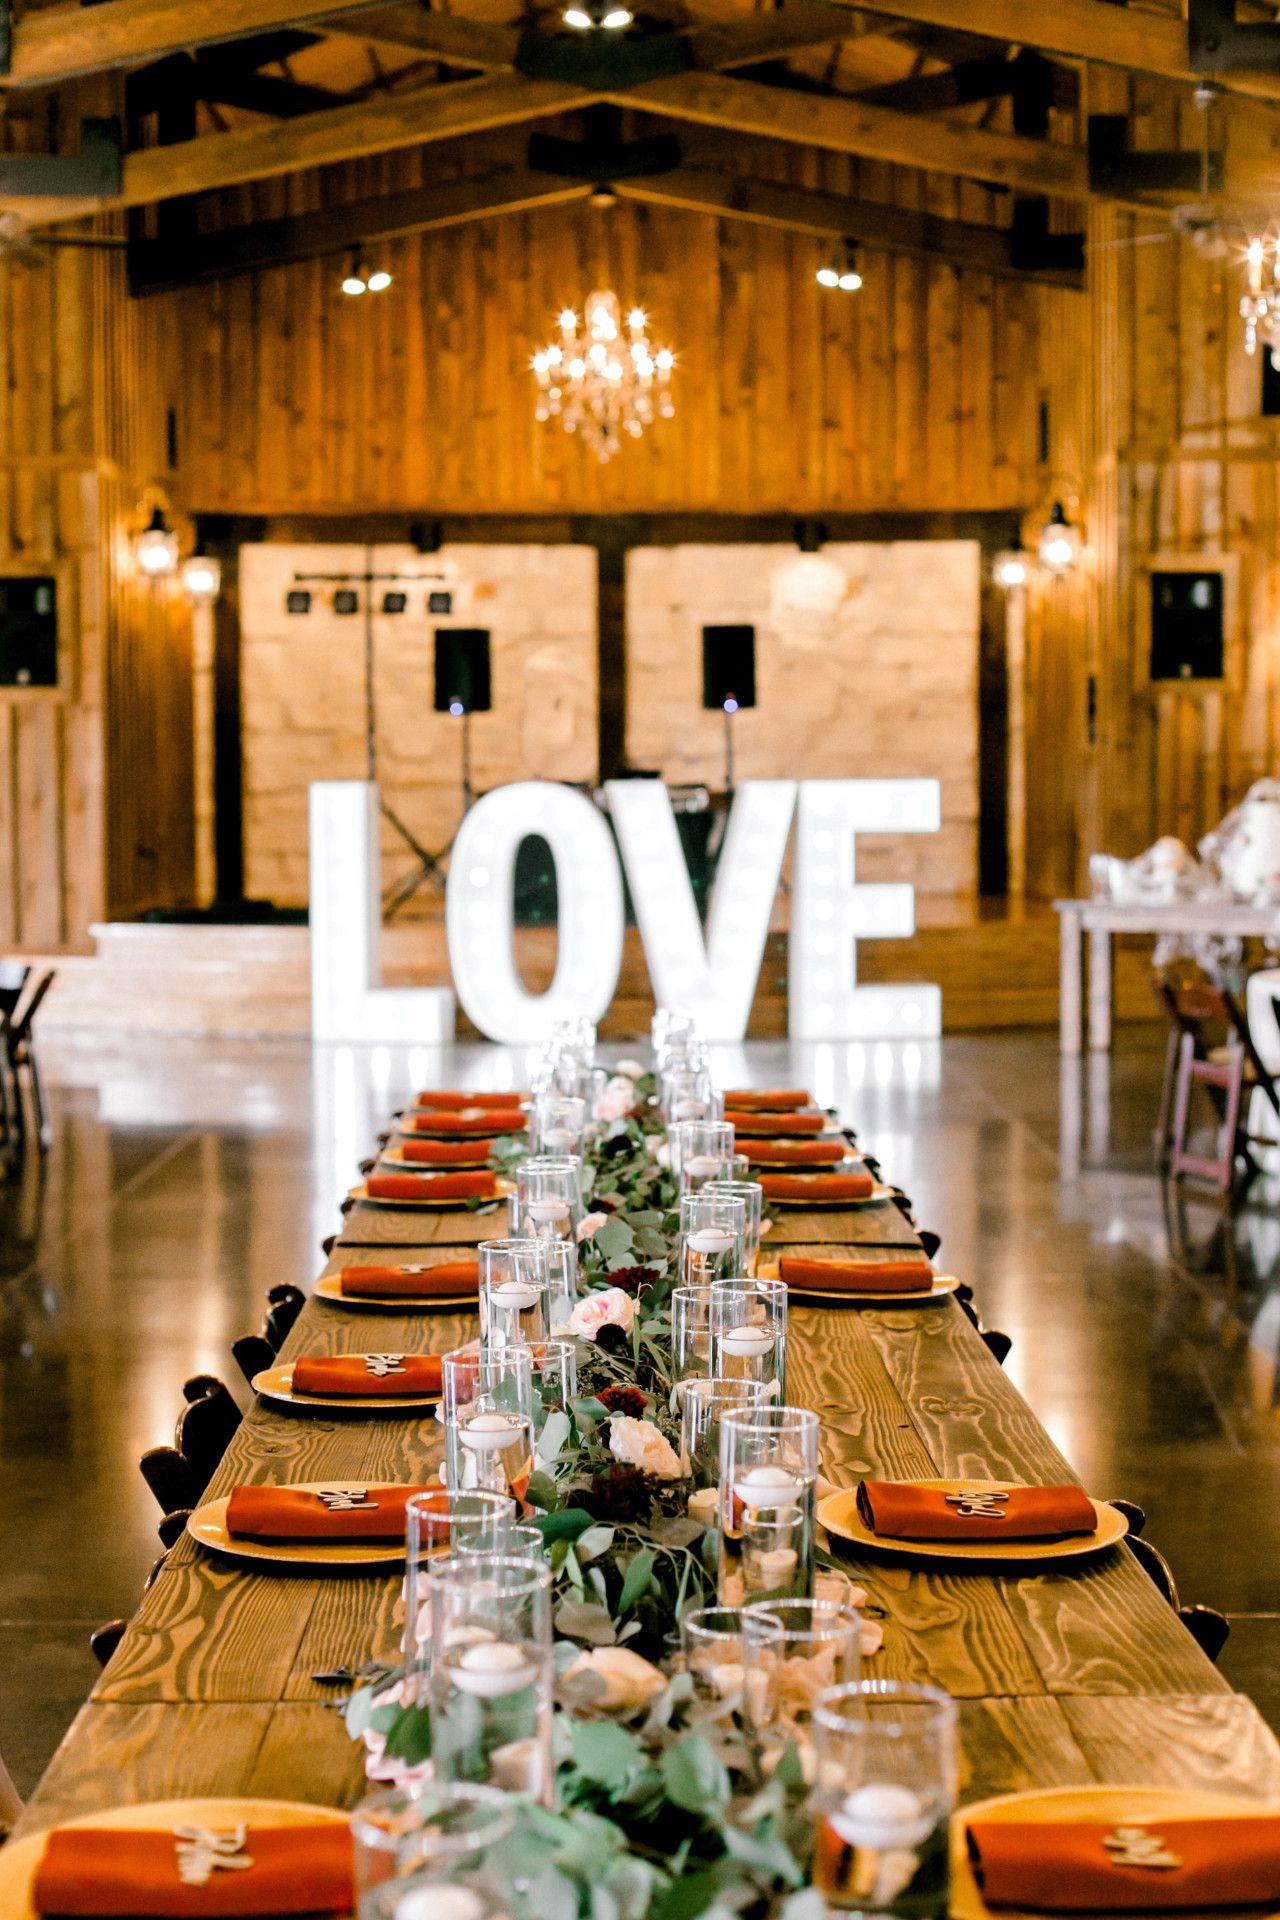 Norman Wedding Venue Springs Venue City Wedding Venues Wedding Venues Oklahoma Wedding